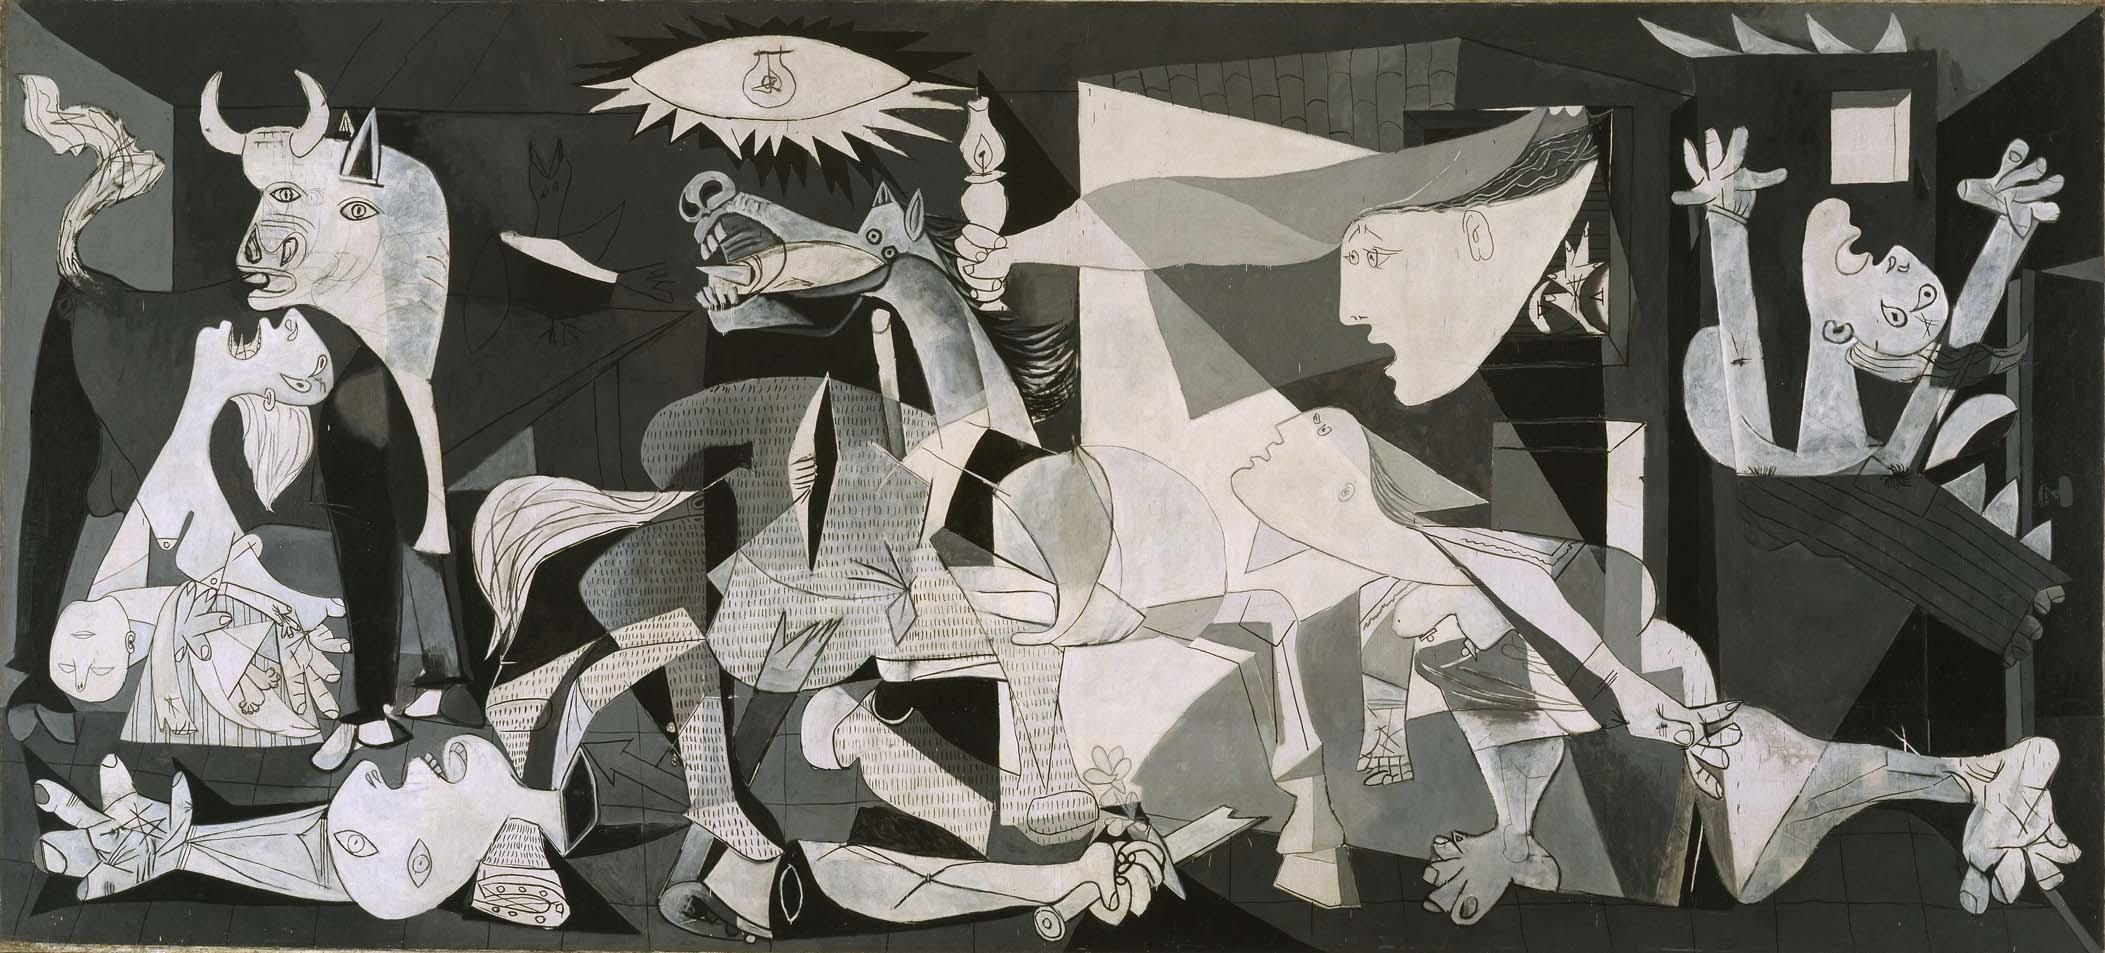 图片来自Reina Sofia博物馆官方网站